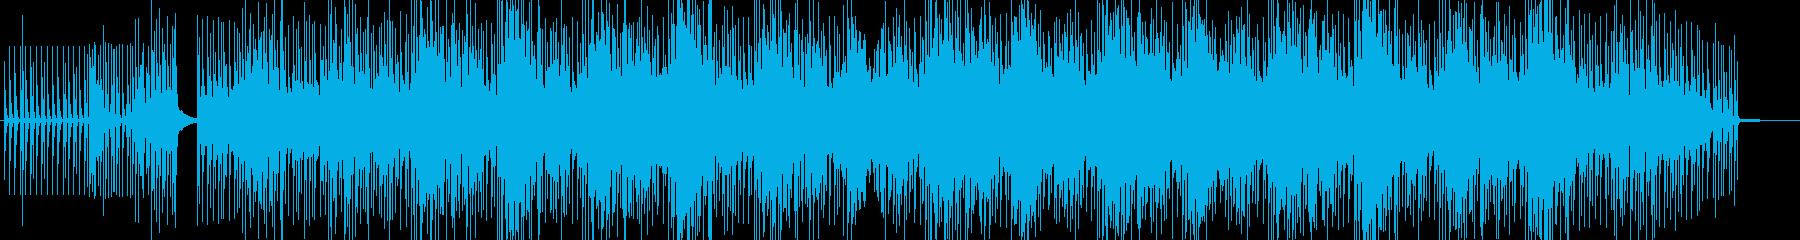 静かなエレクトロミニマルハウスの再生済みの波形